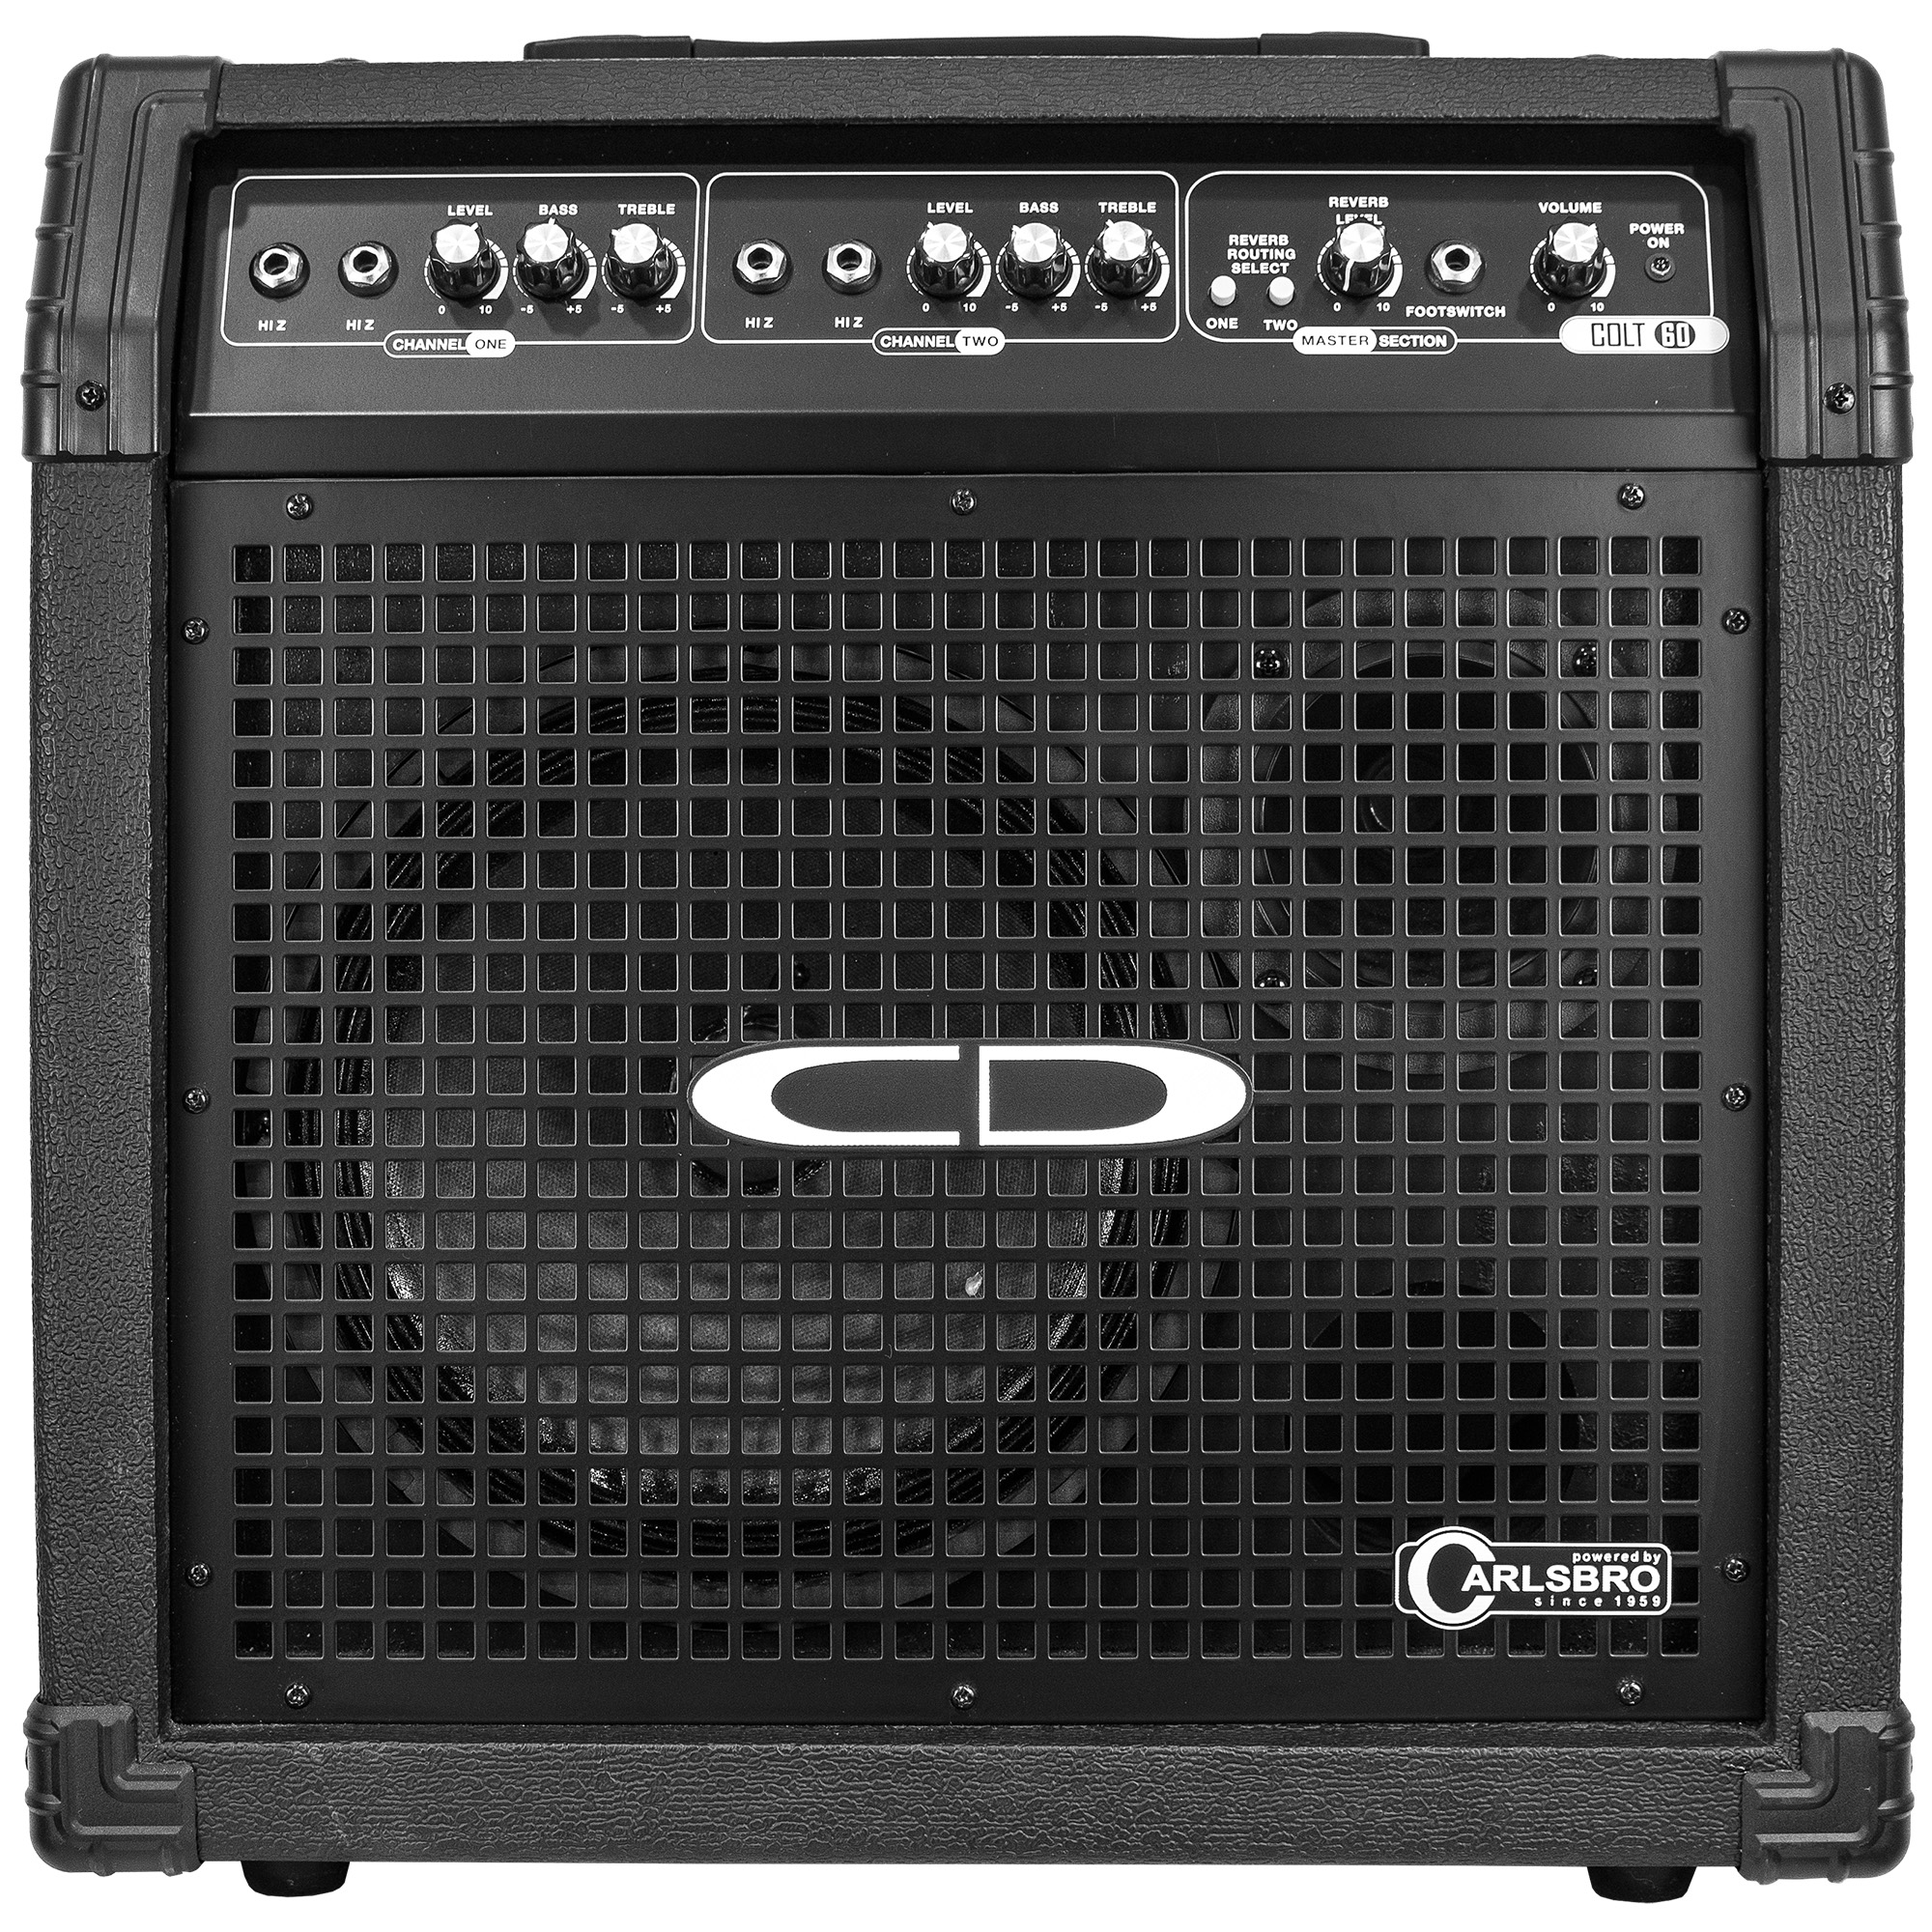 CARLSBRO COLT 60 60W Keyboard Combo Amplifier